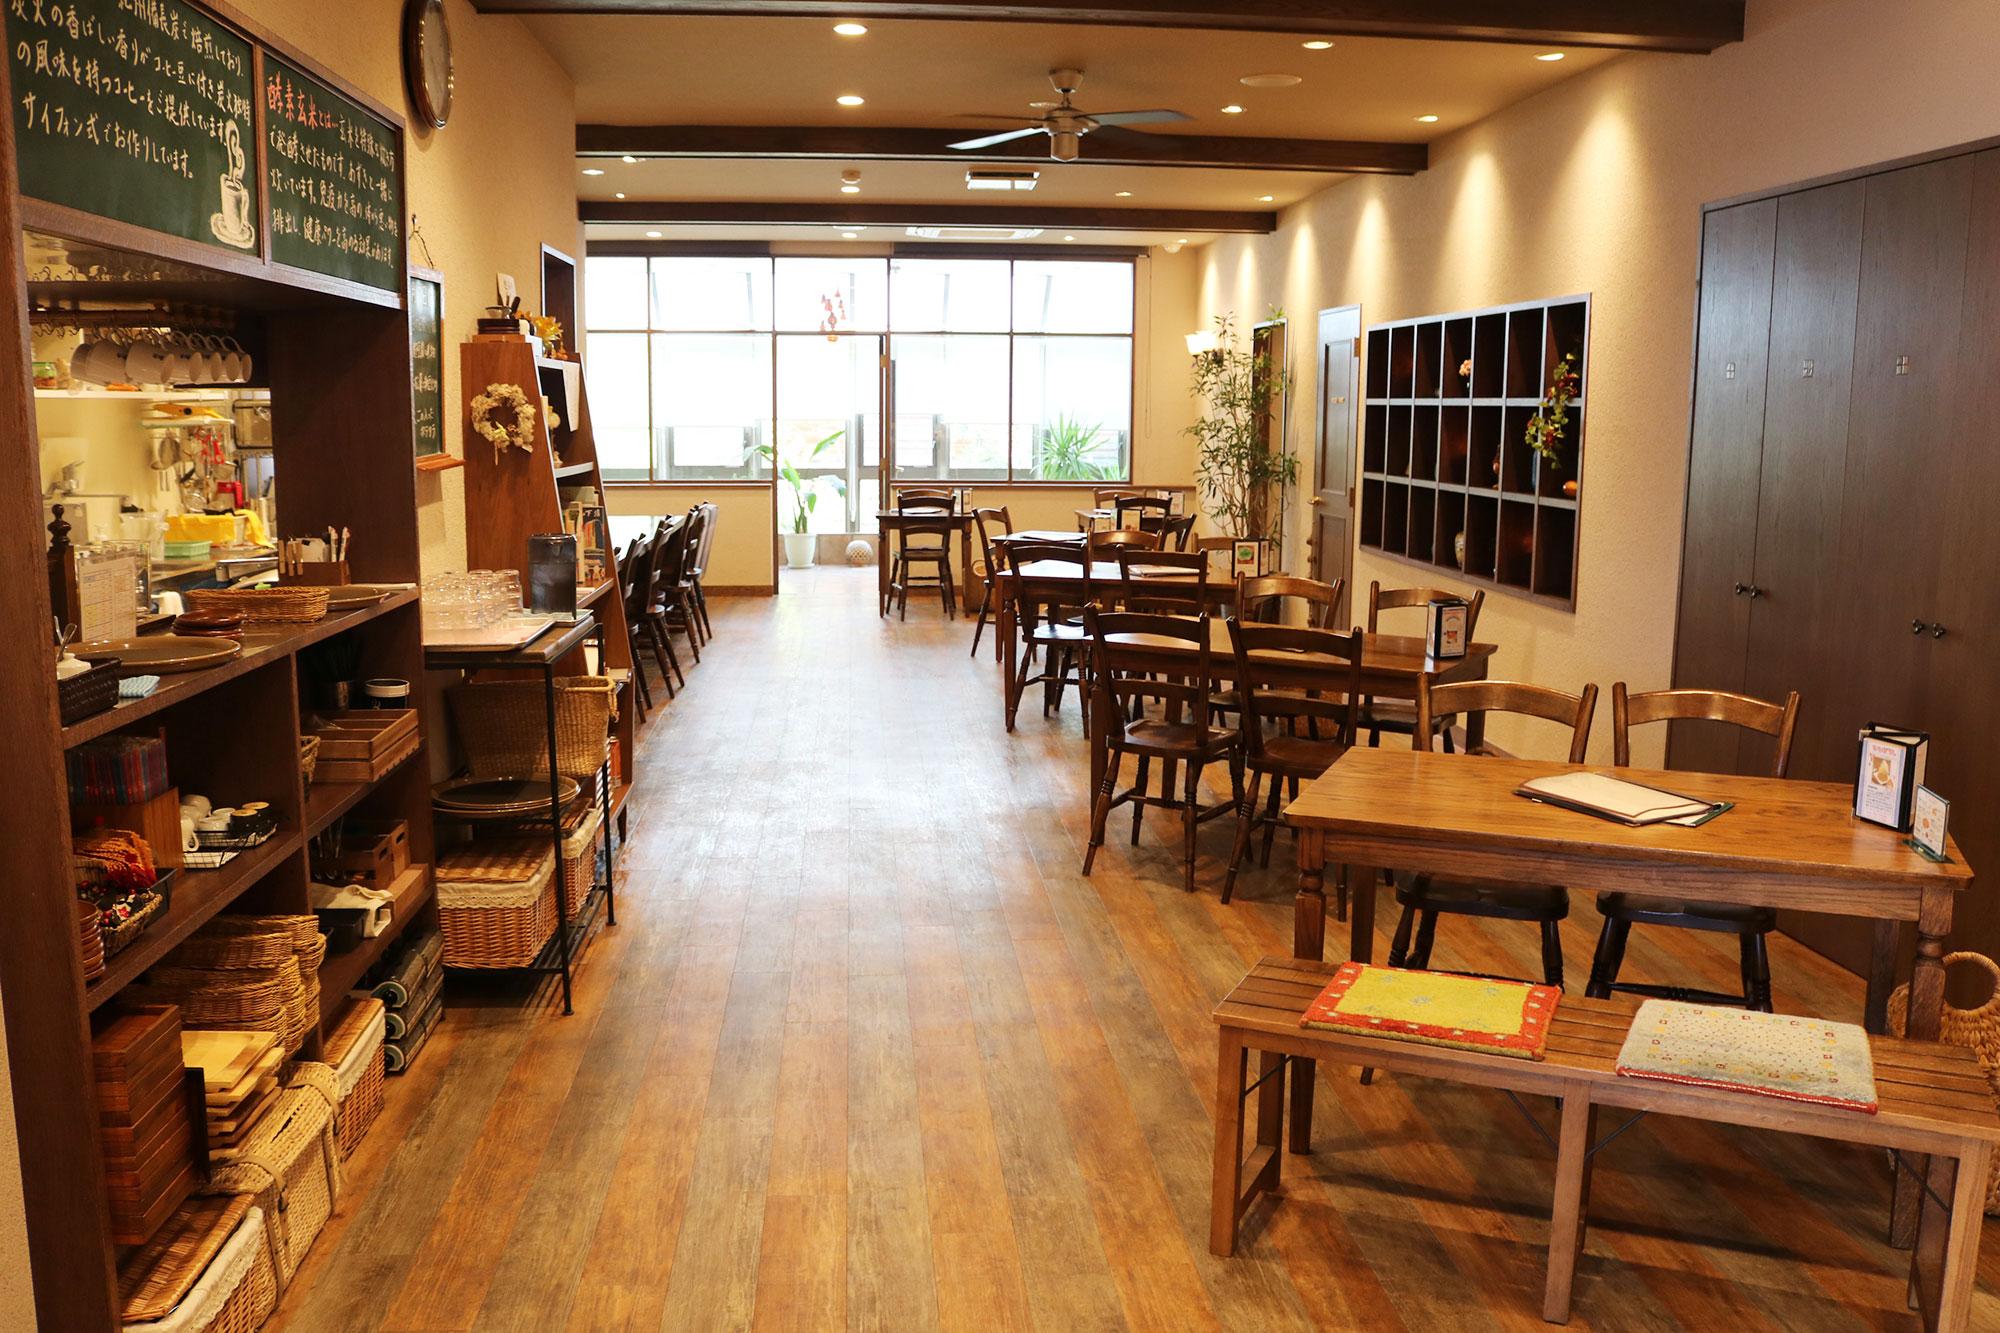 Inside of the restaurantの写真